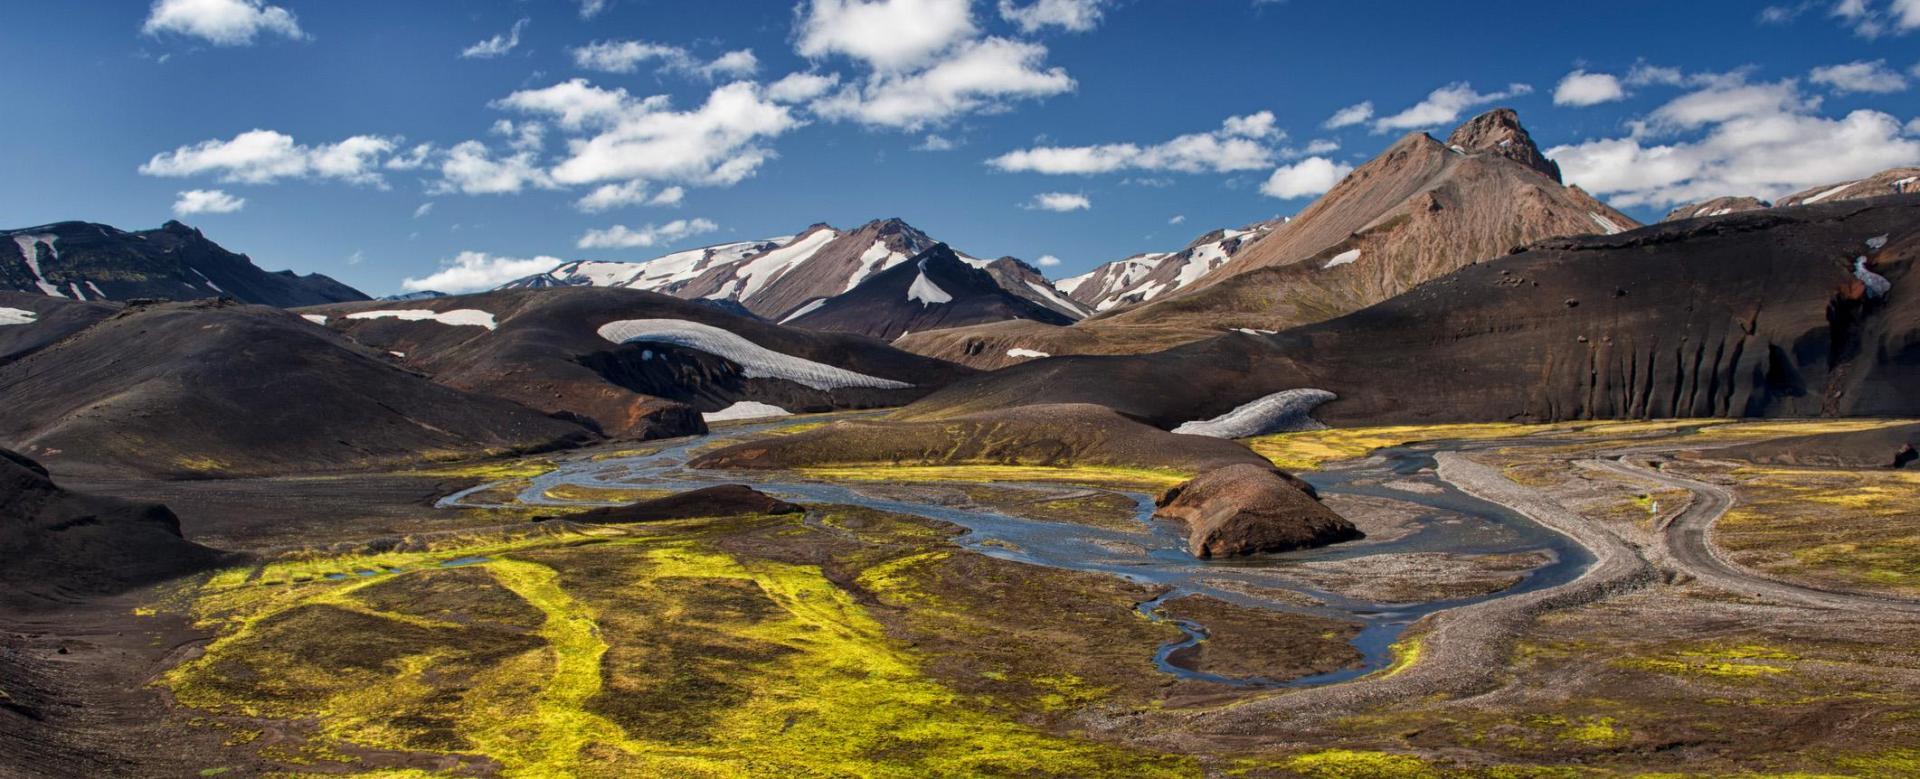 Voyage à pied : La saga des volcans et des fjords